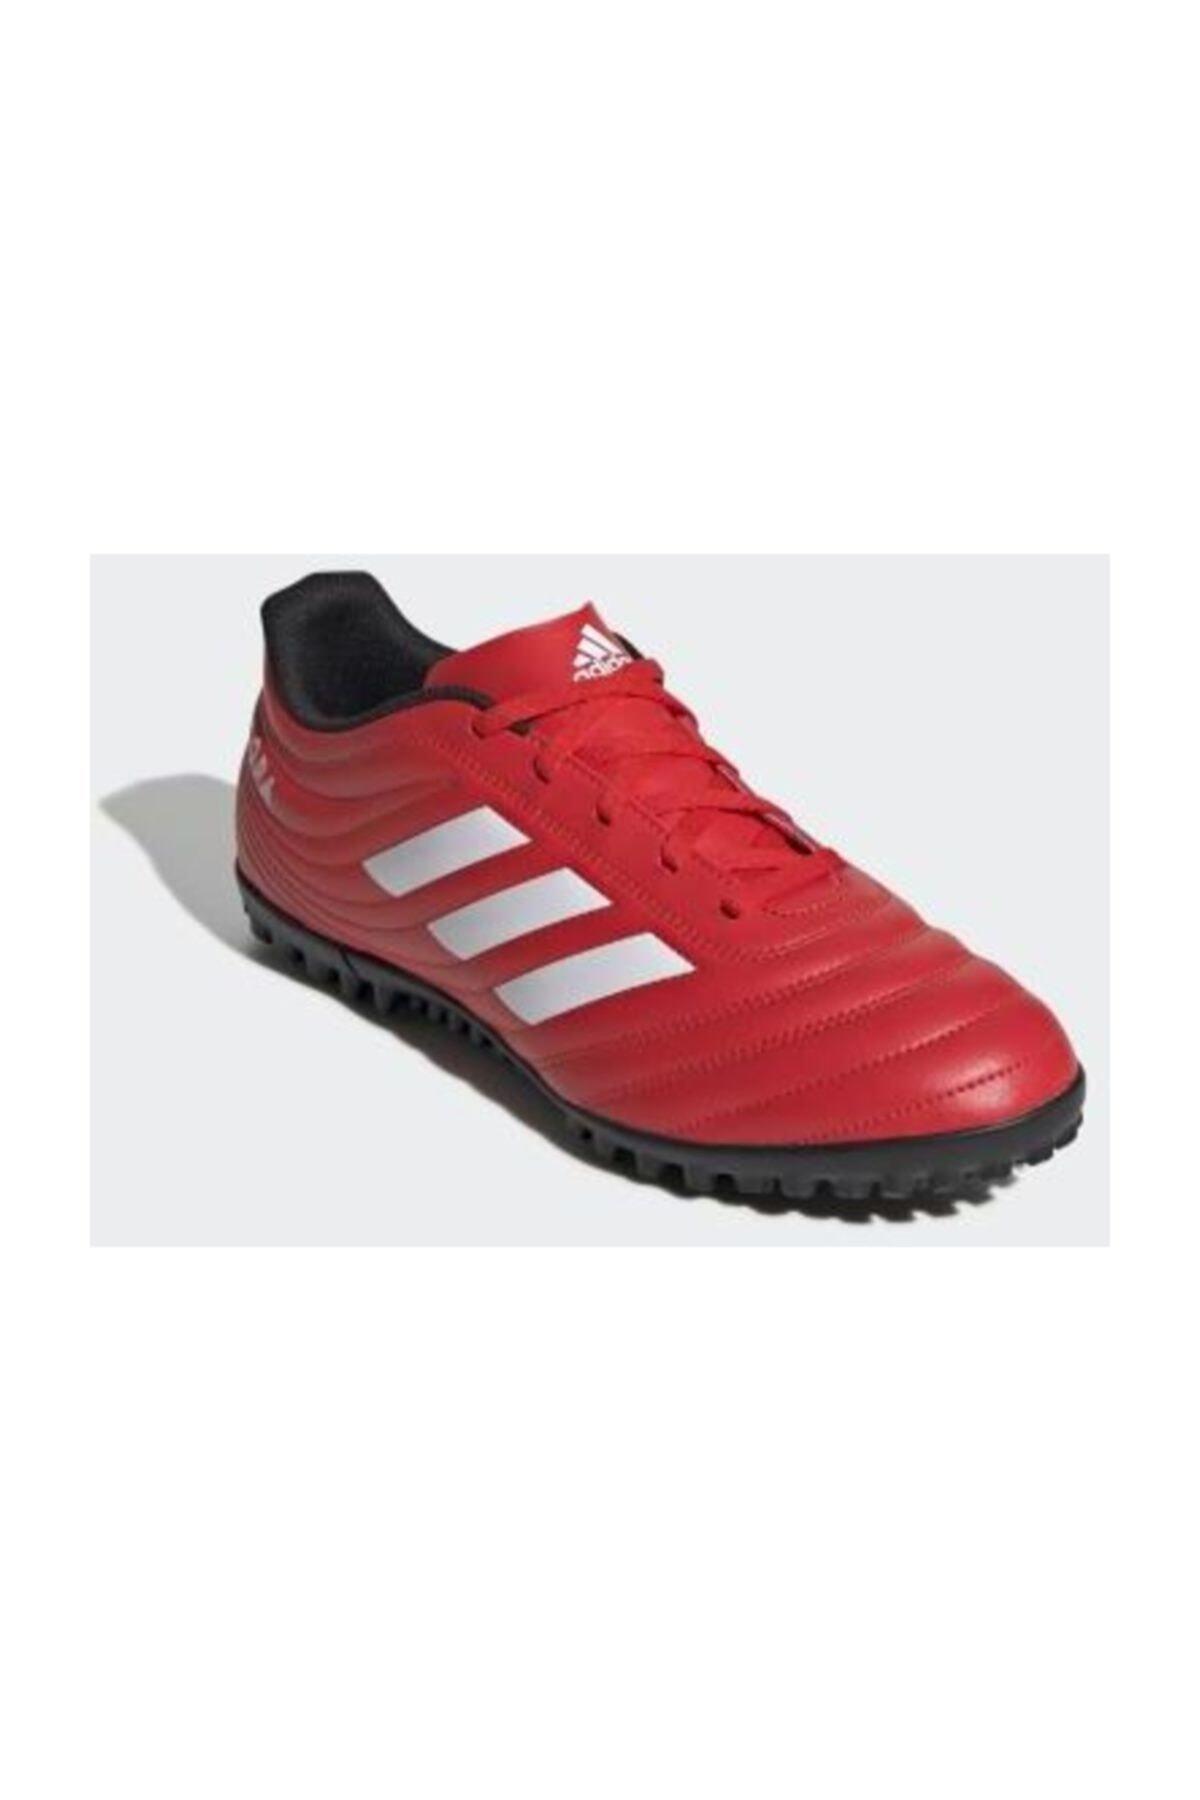 adidas G28521 Copa 20.4 Tf Futbol Halı Saha Ayakkabısı 1